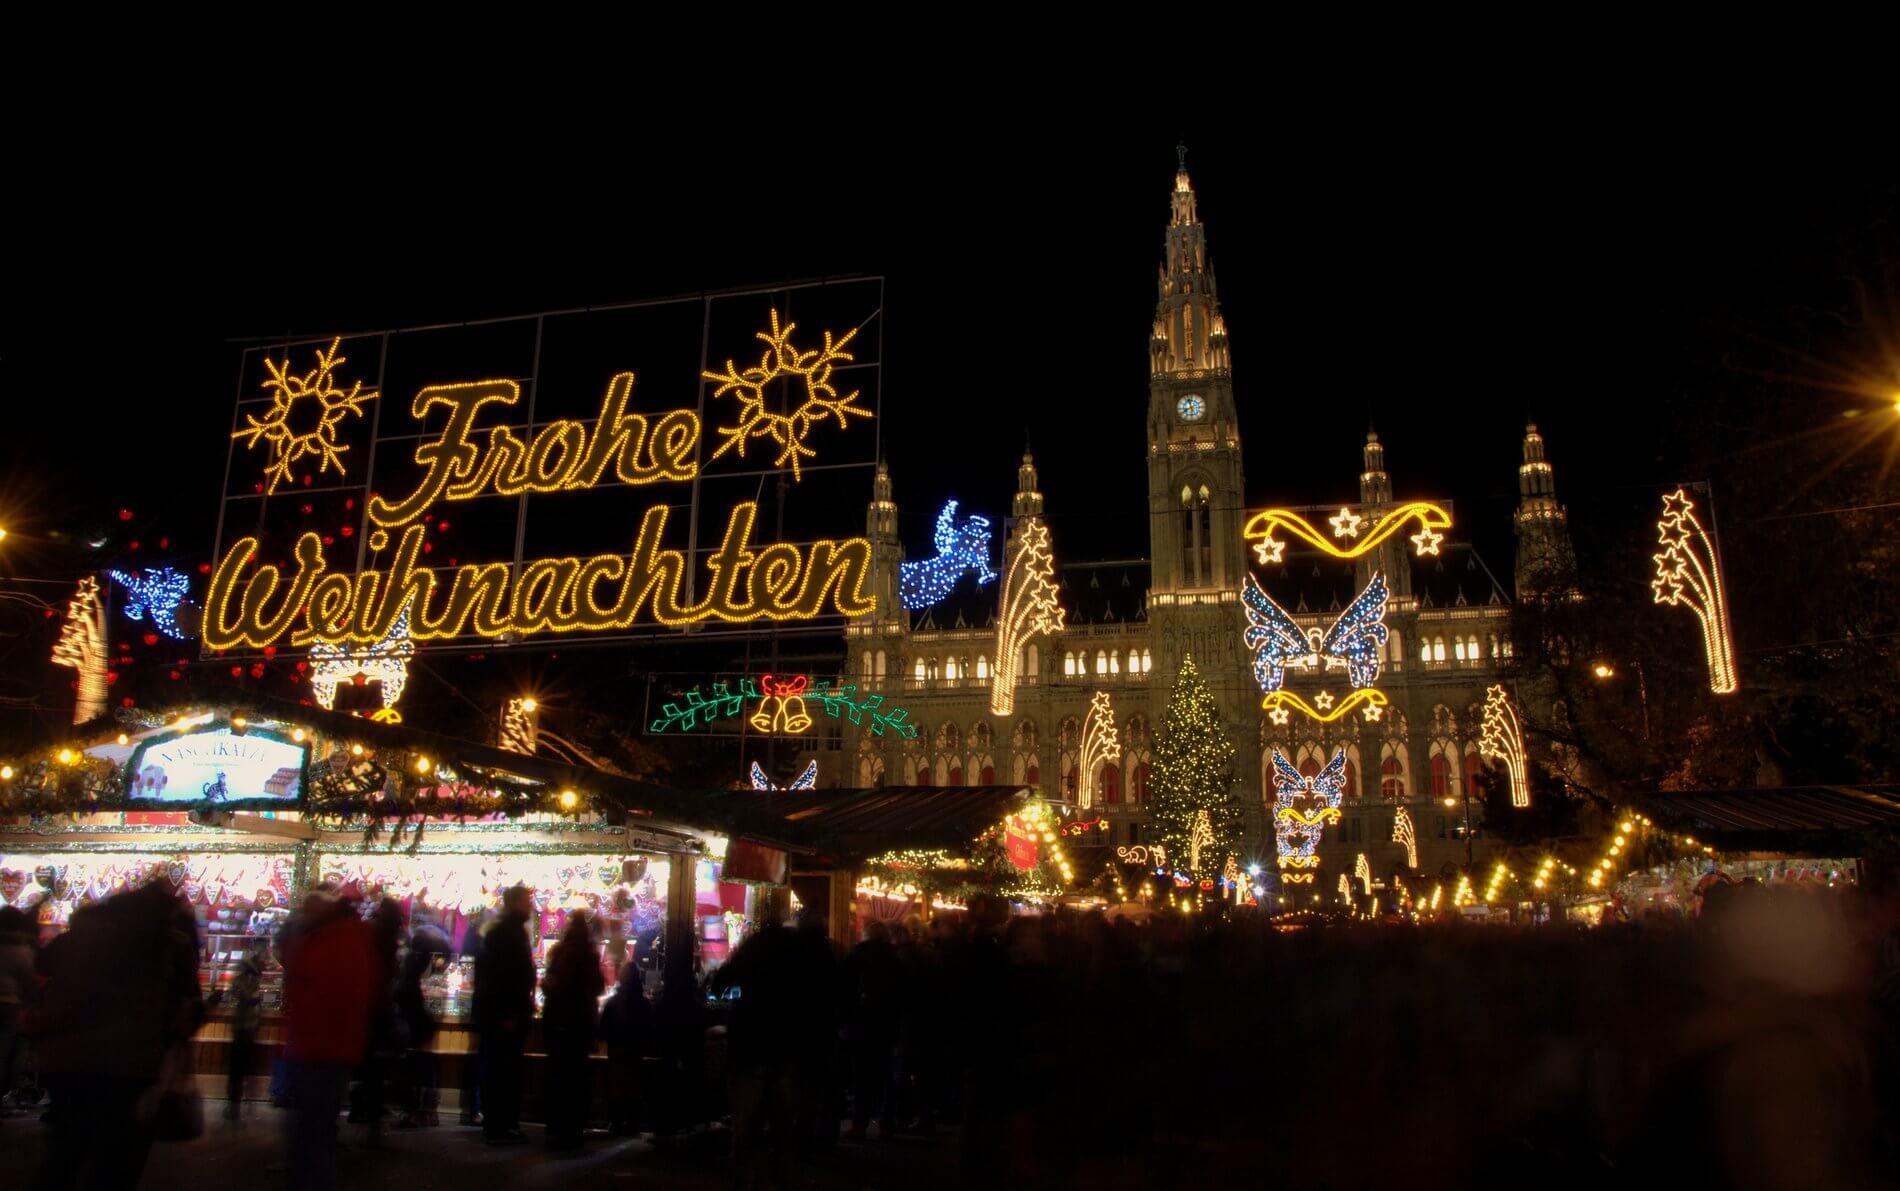 Weihnachtsmärkte in Vienna